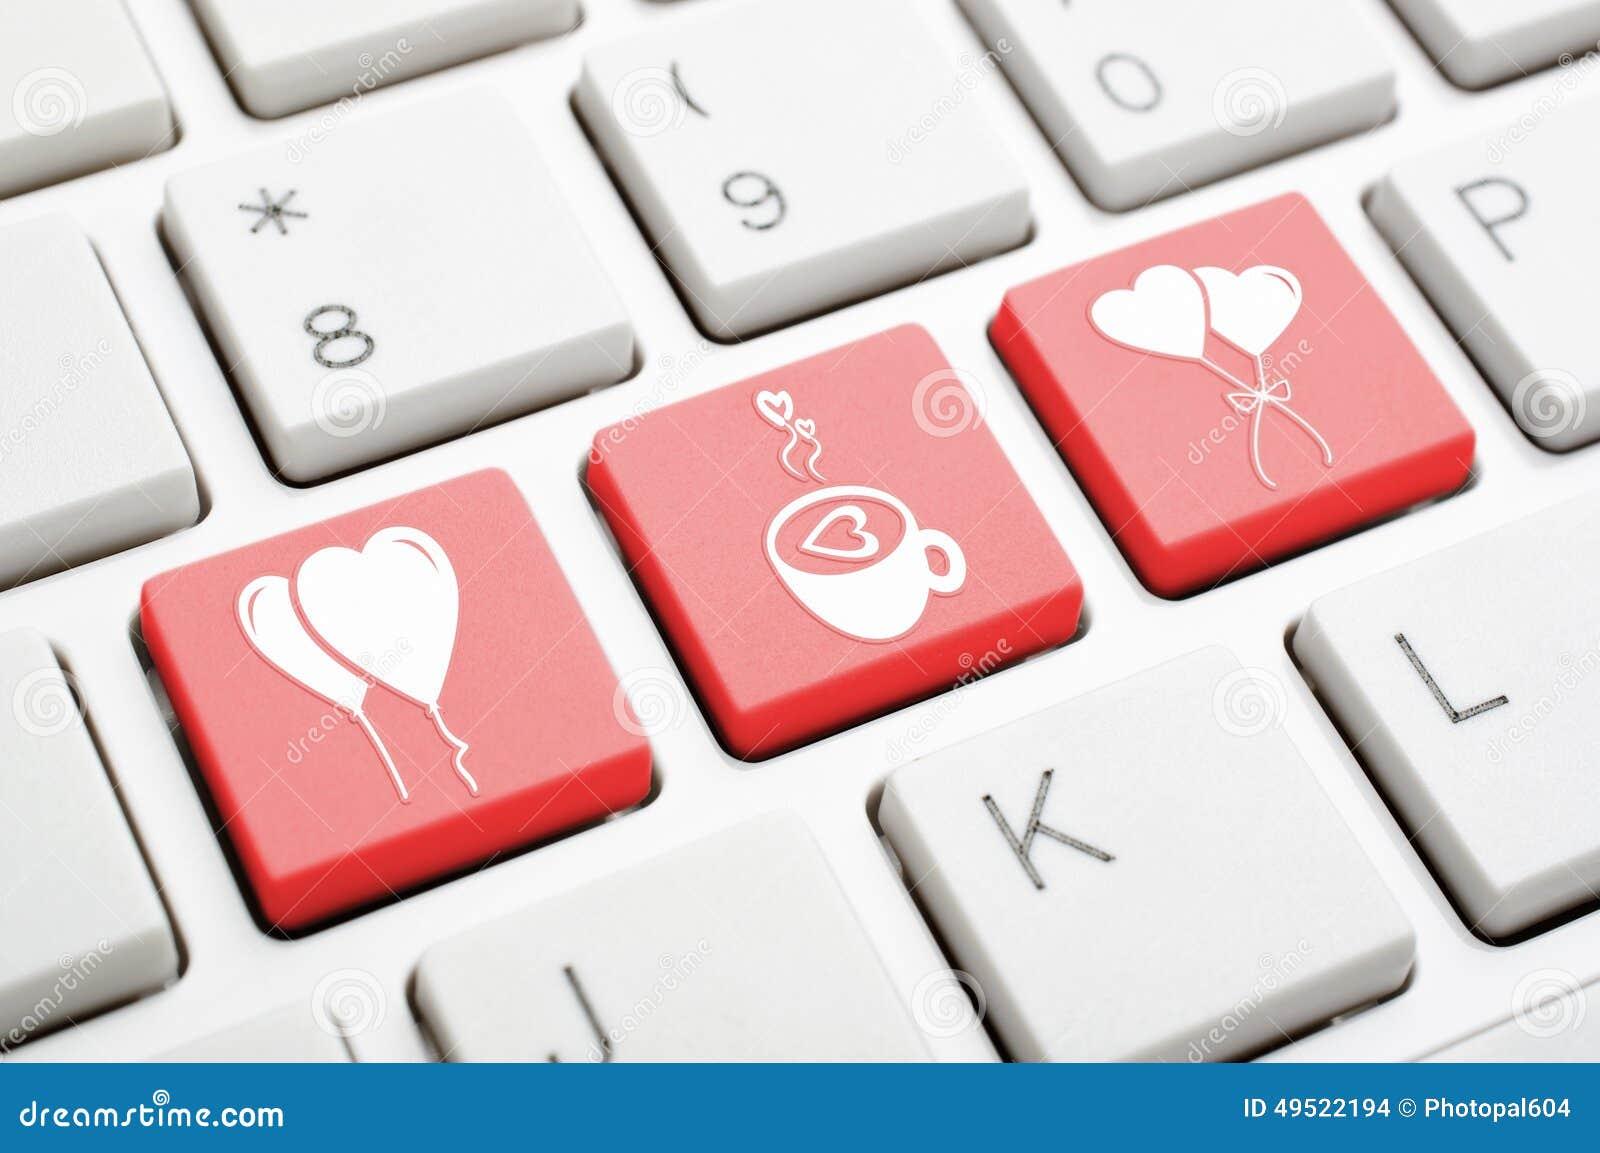 Love symbol key on keyboard stock photo image of keypad love symbol key on keyboard biocorpaavc Images